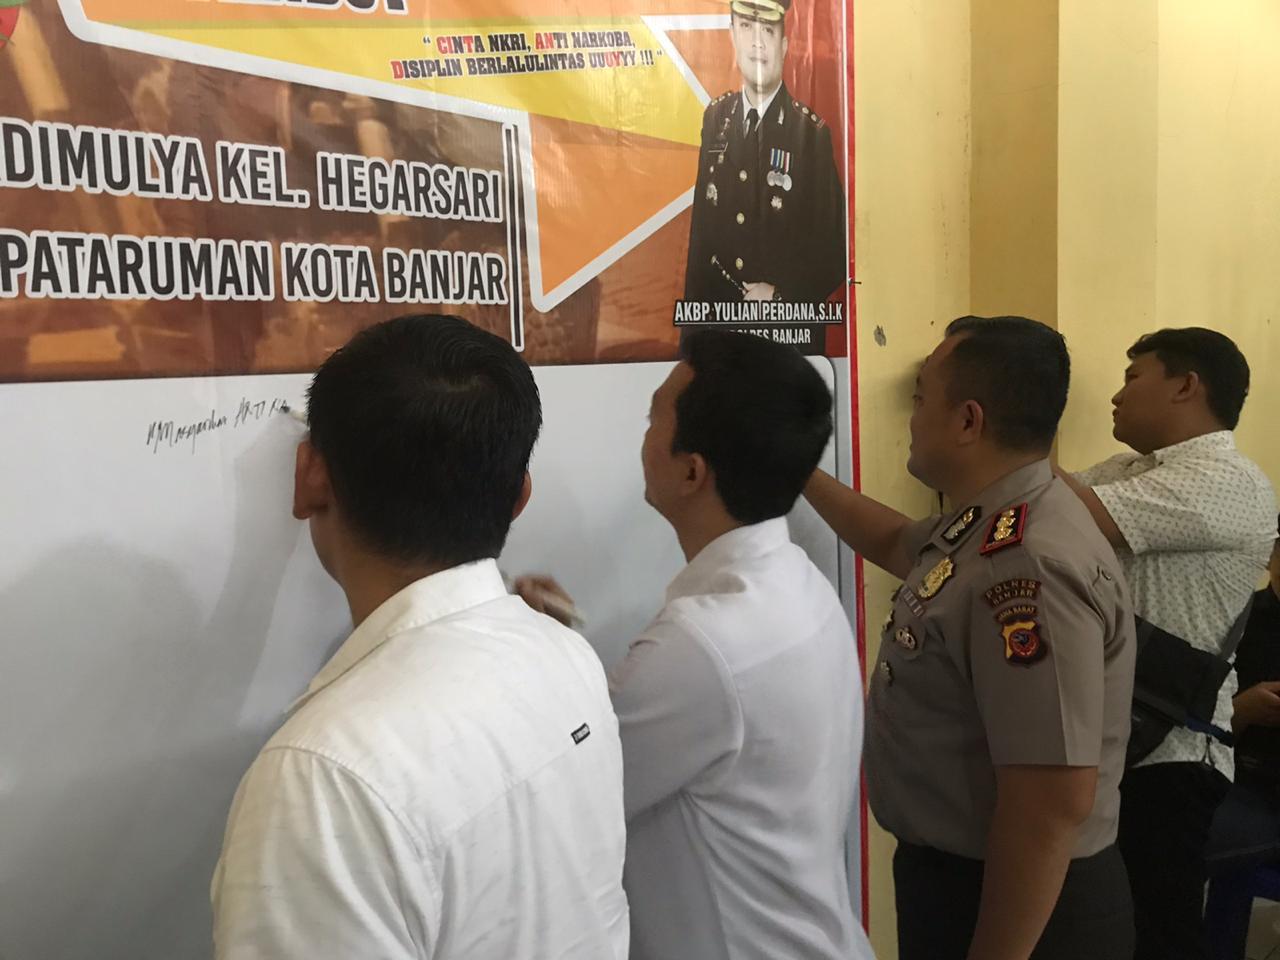 Polres Banjar, Sosialisasikan CITANDUY ke Berbagai Elemen Masyarakat